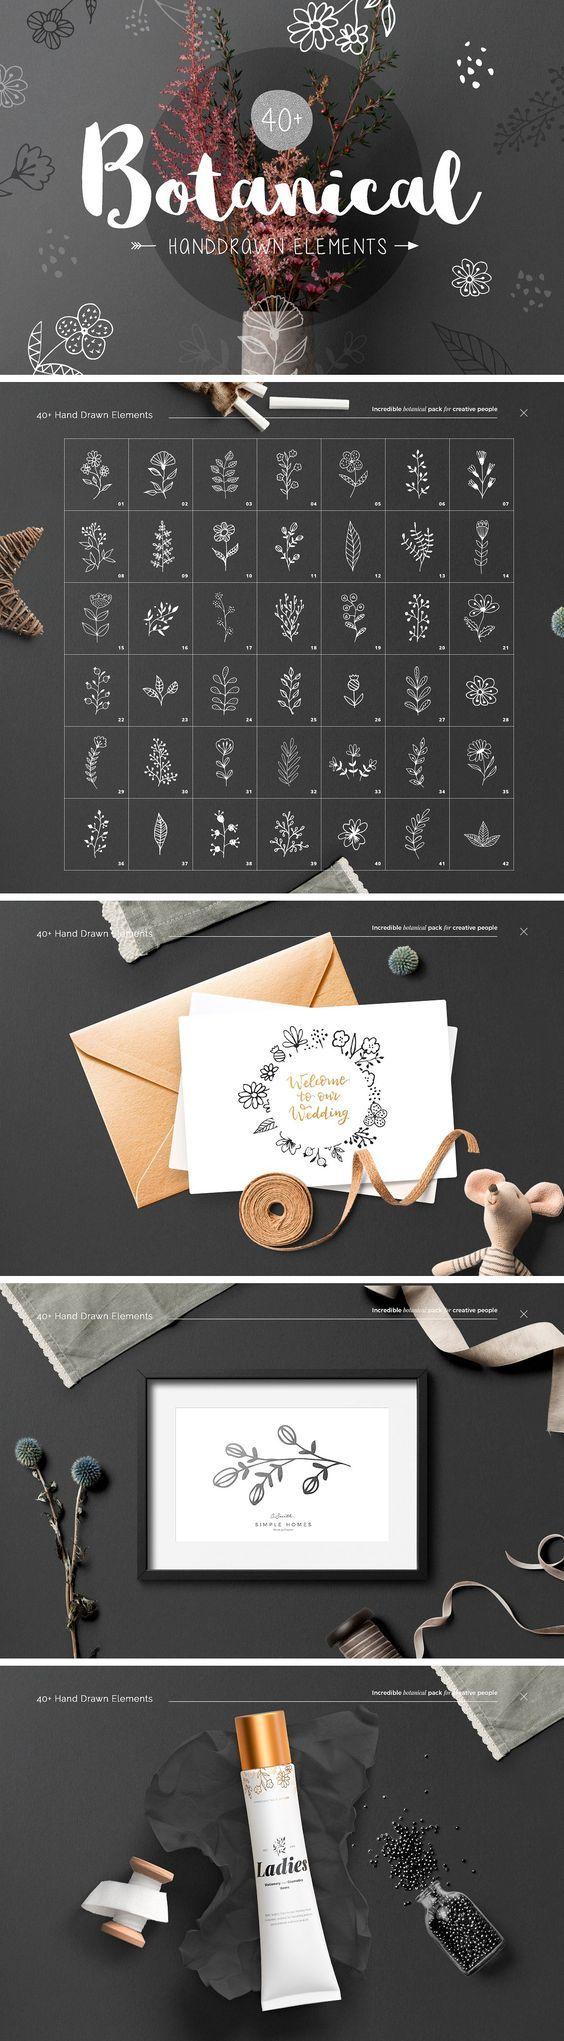 40+ Botanical Hand Drawn Elements by William Hansen on @creativemarket